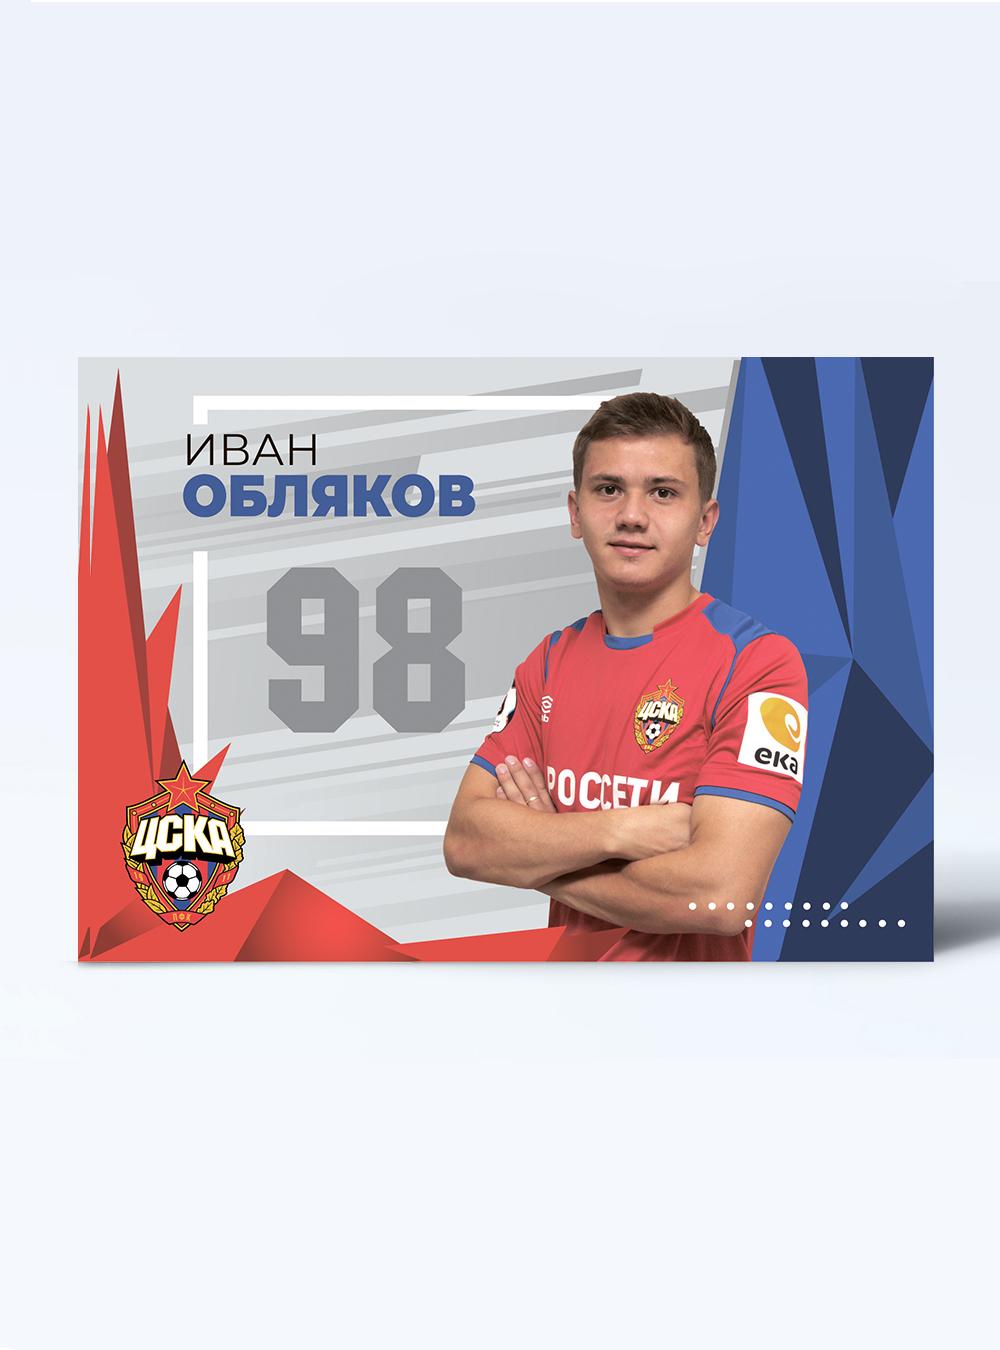 Карточка для автографа Обляков 2019/2020 фото